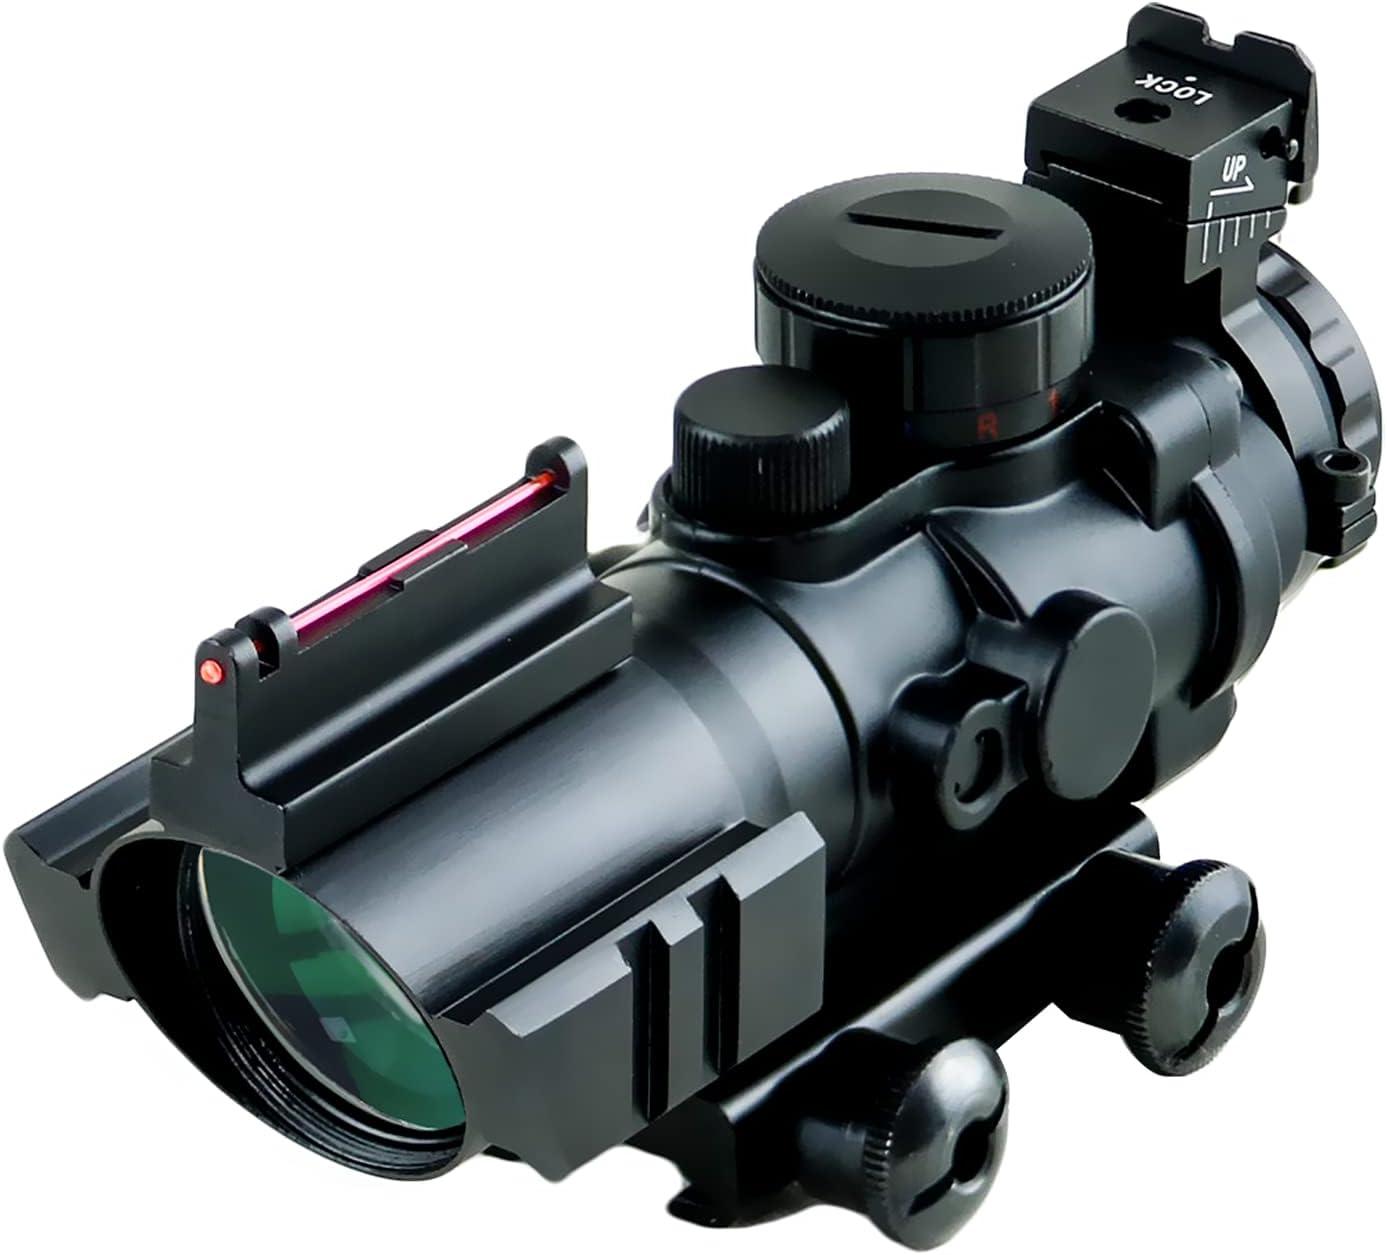 Mirino Ottico con obiettivo da 32mm e zoom 4x